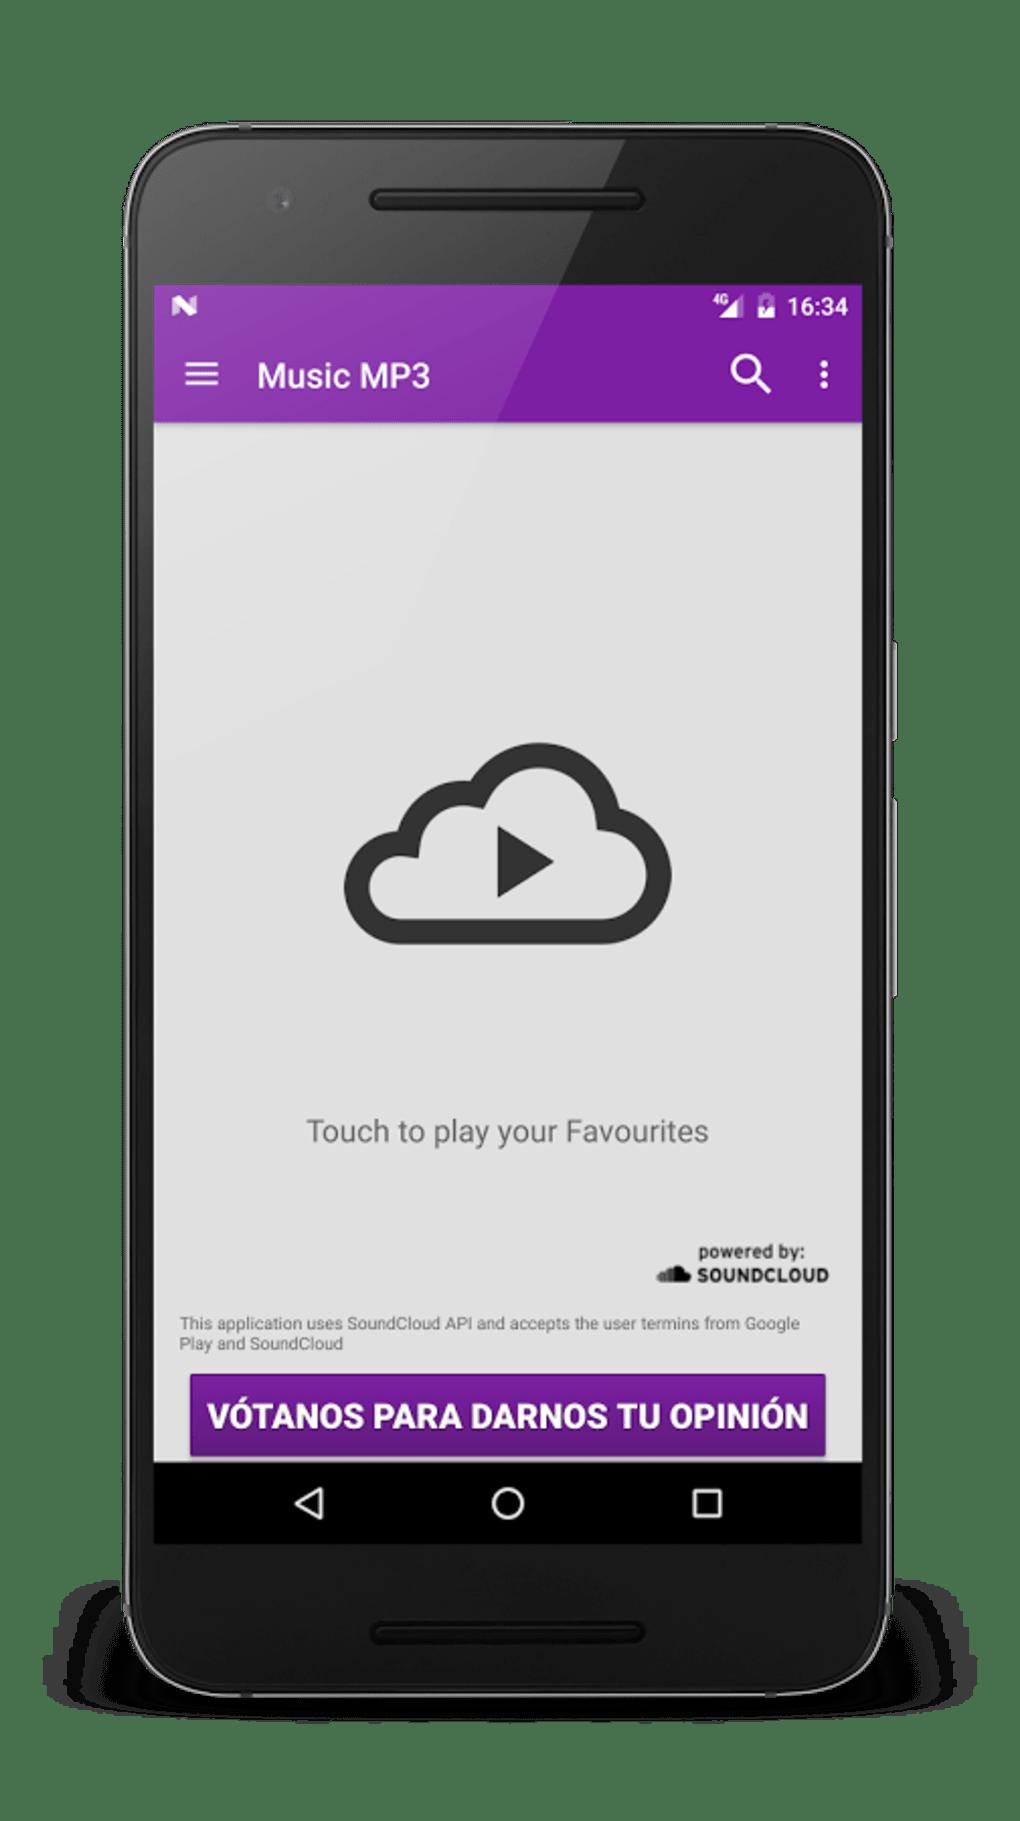 Ares Music Player Gratis Para Android Descargar